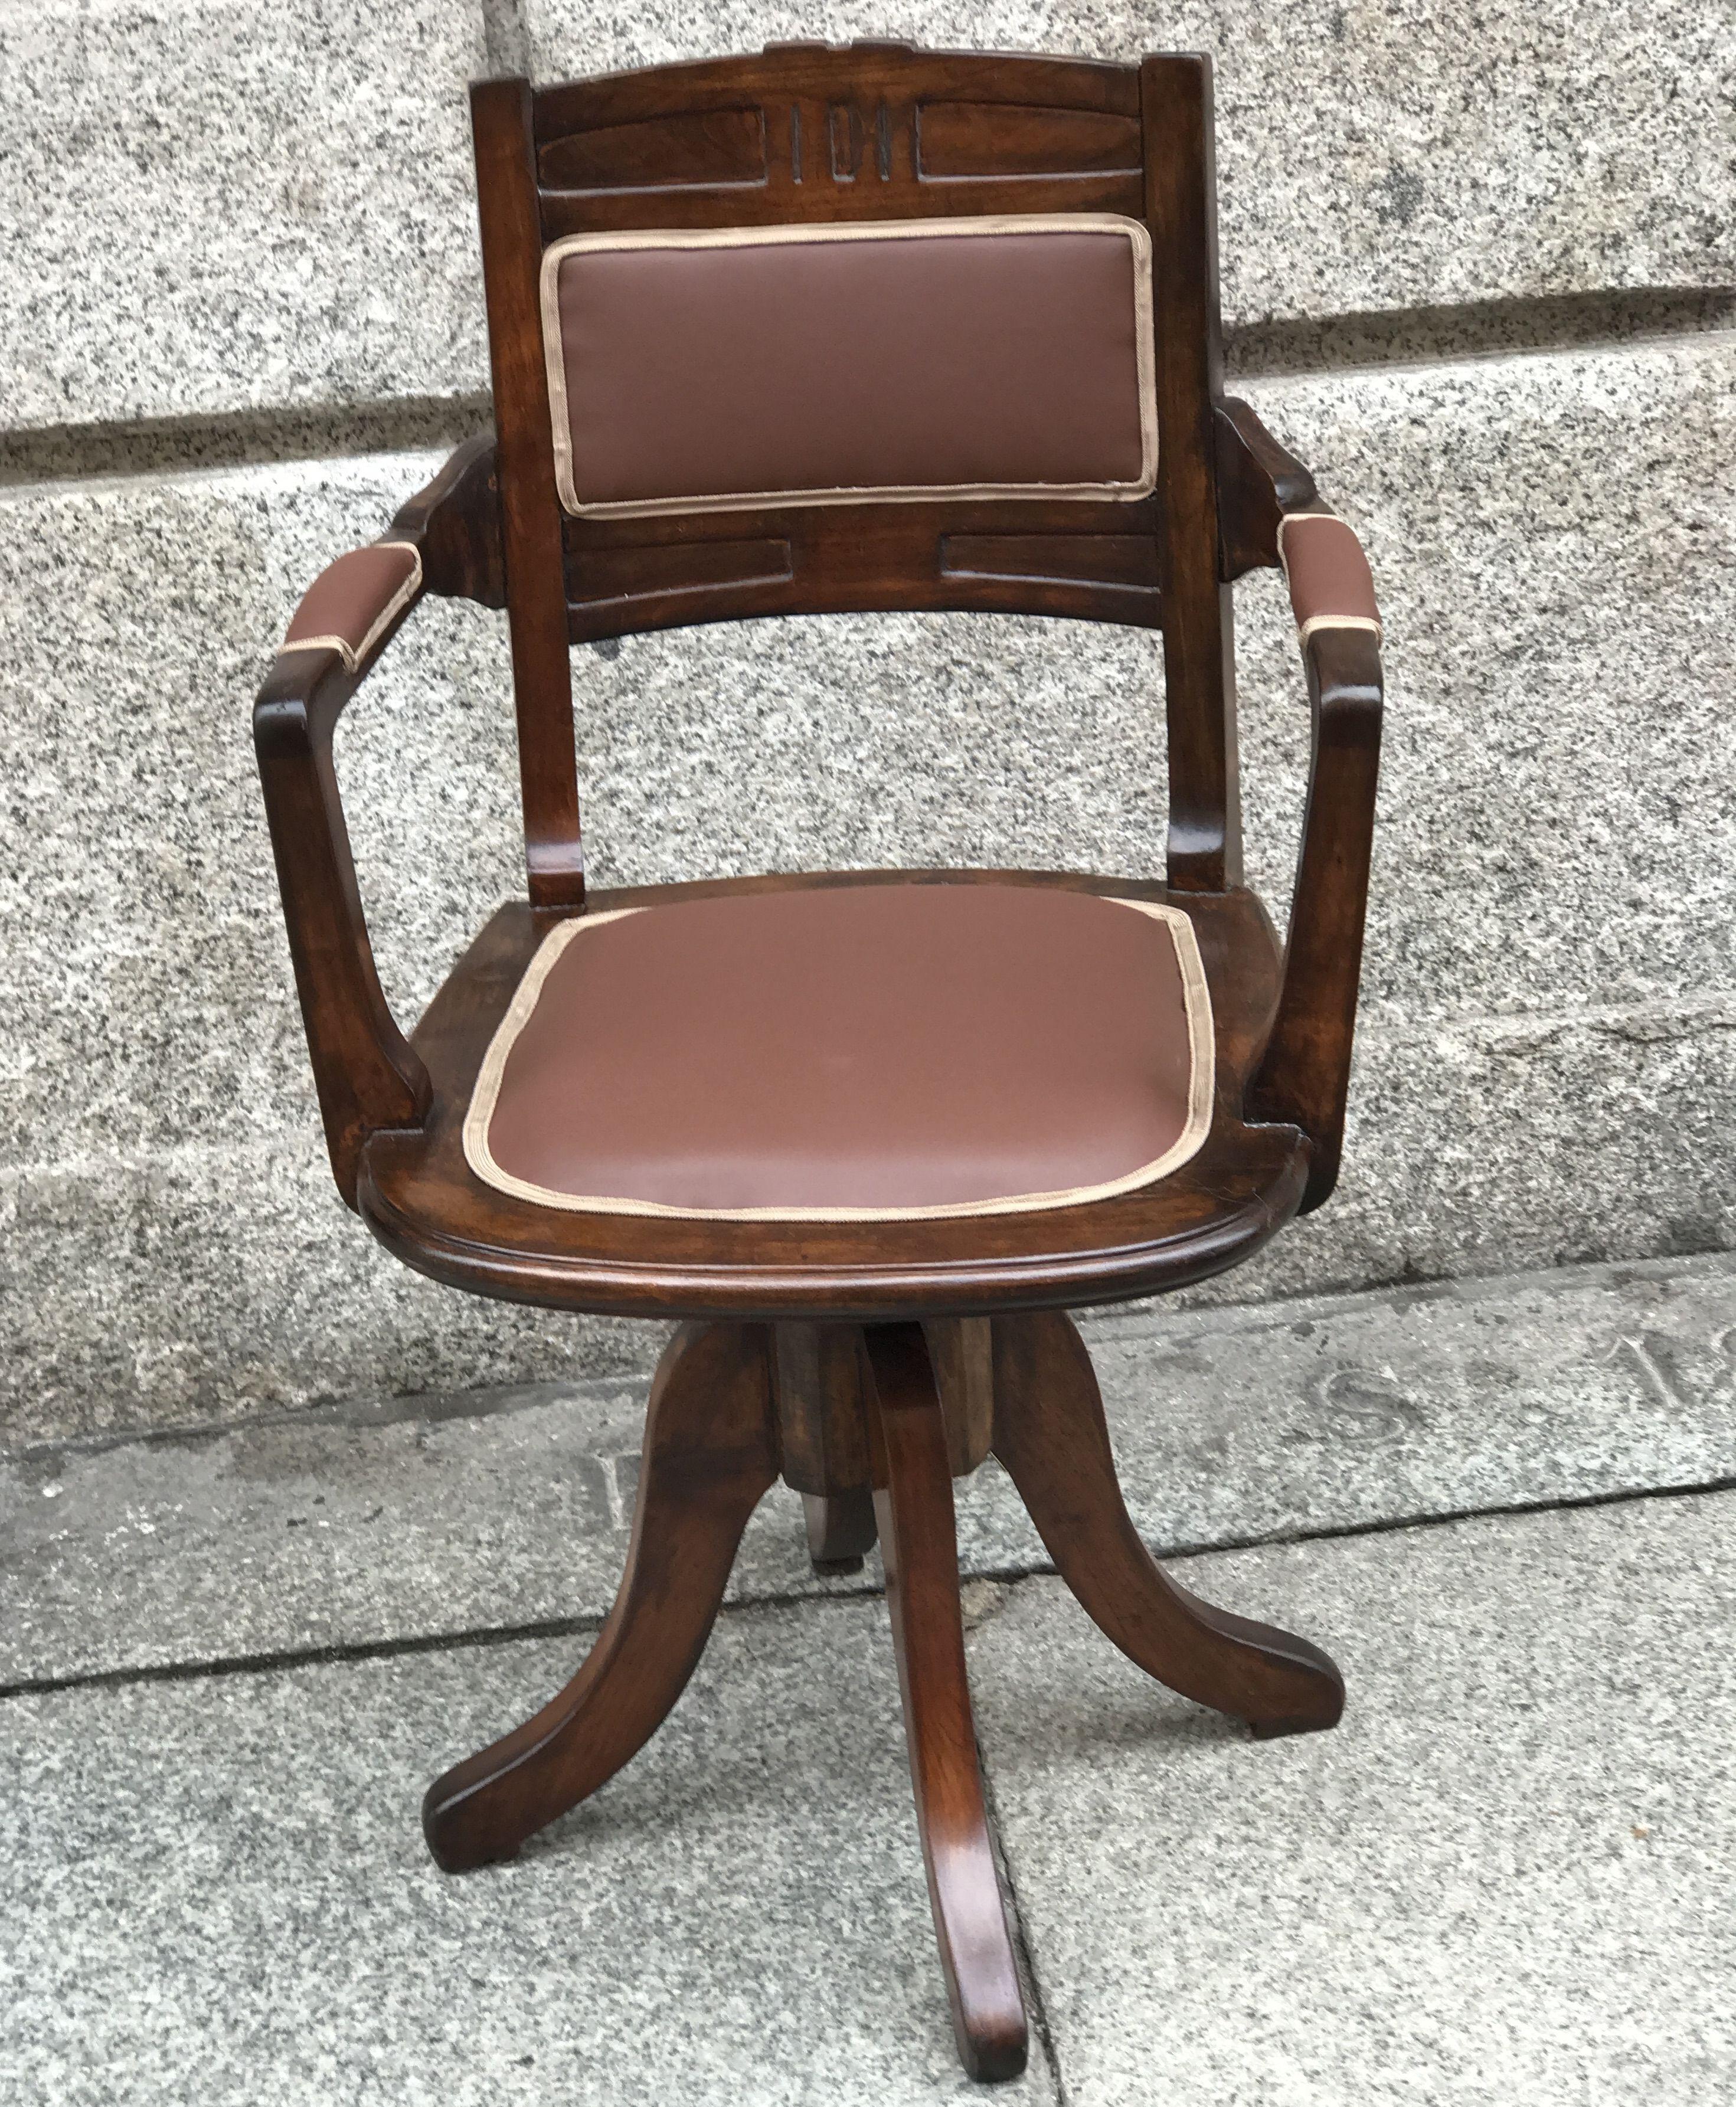 Poltrona da barbiere girevole 190 mobili e arredamento for Arredamento barbiere vintage